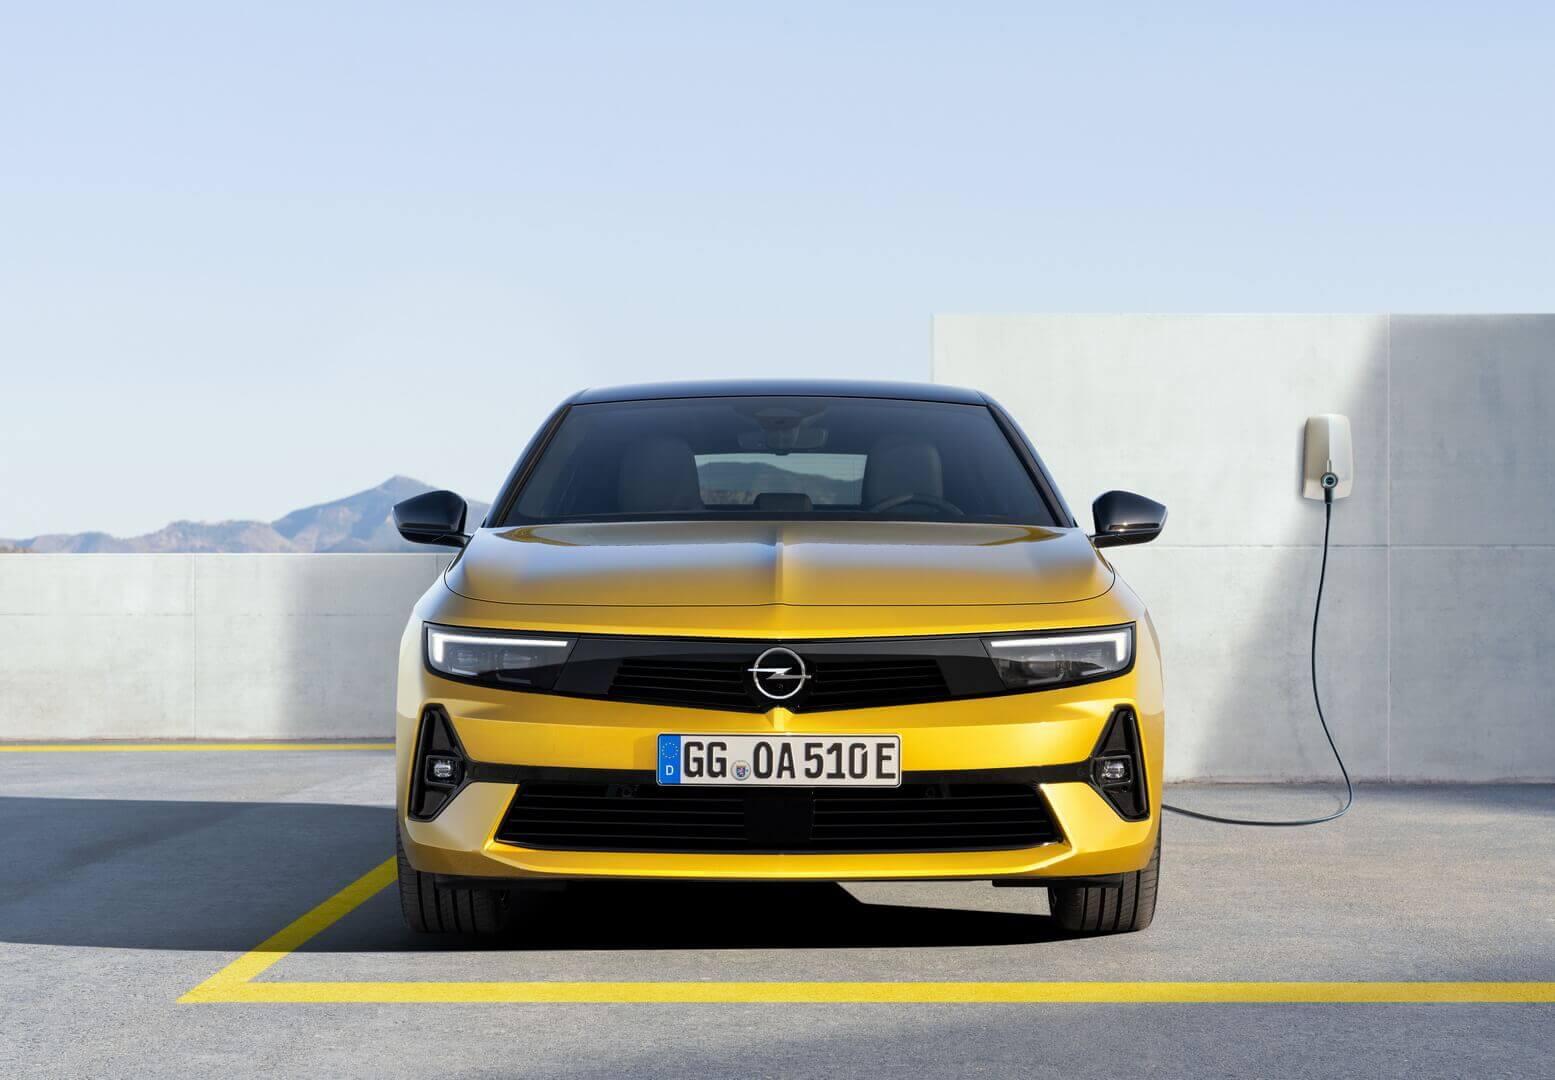 Opel Astra получила плагин-гибридную силовую установку с двумя уровнями производительности